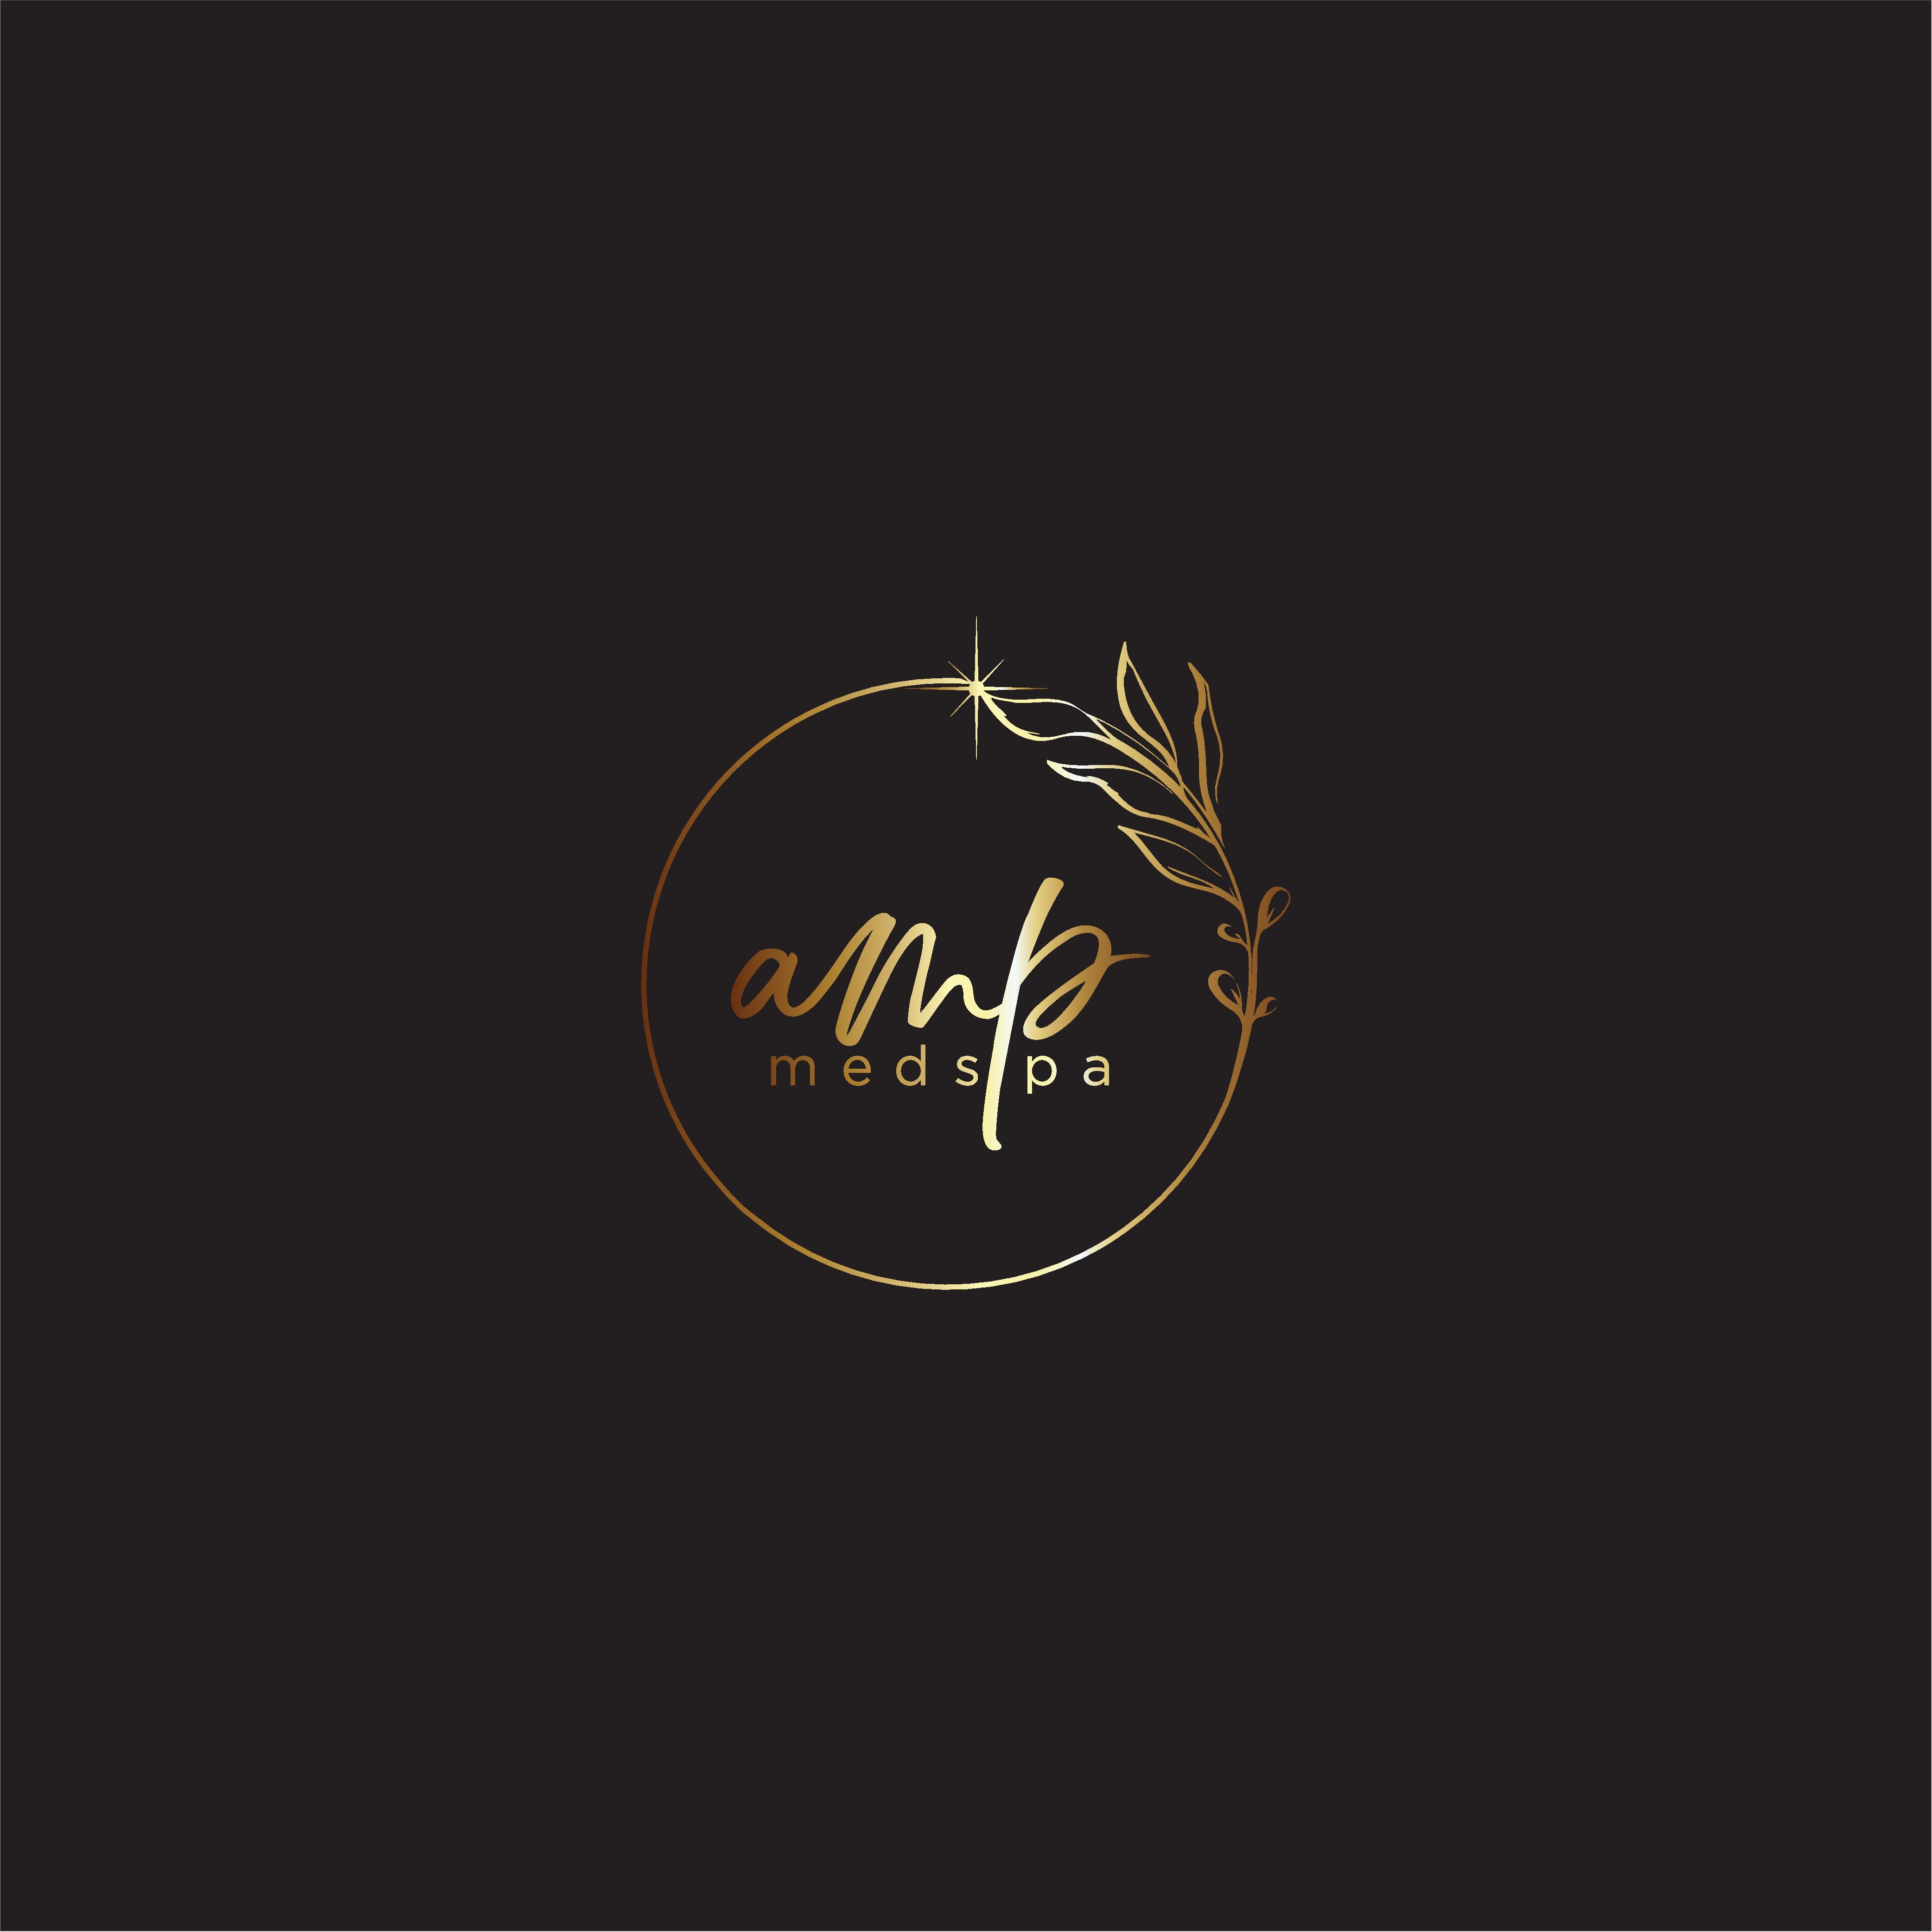 Design a hip rock n roll unisex medspa logo for a franchise